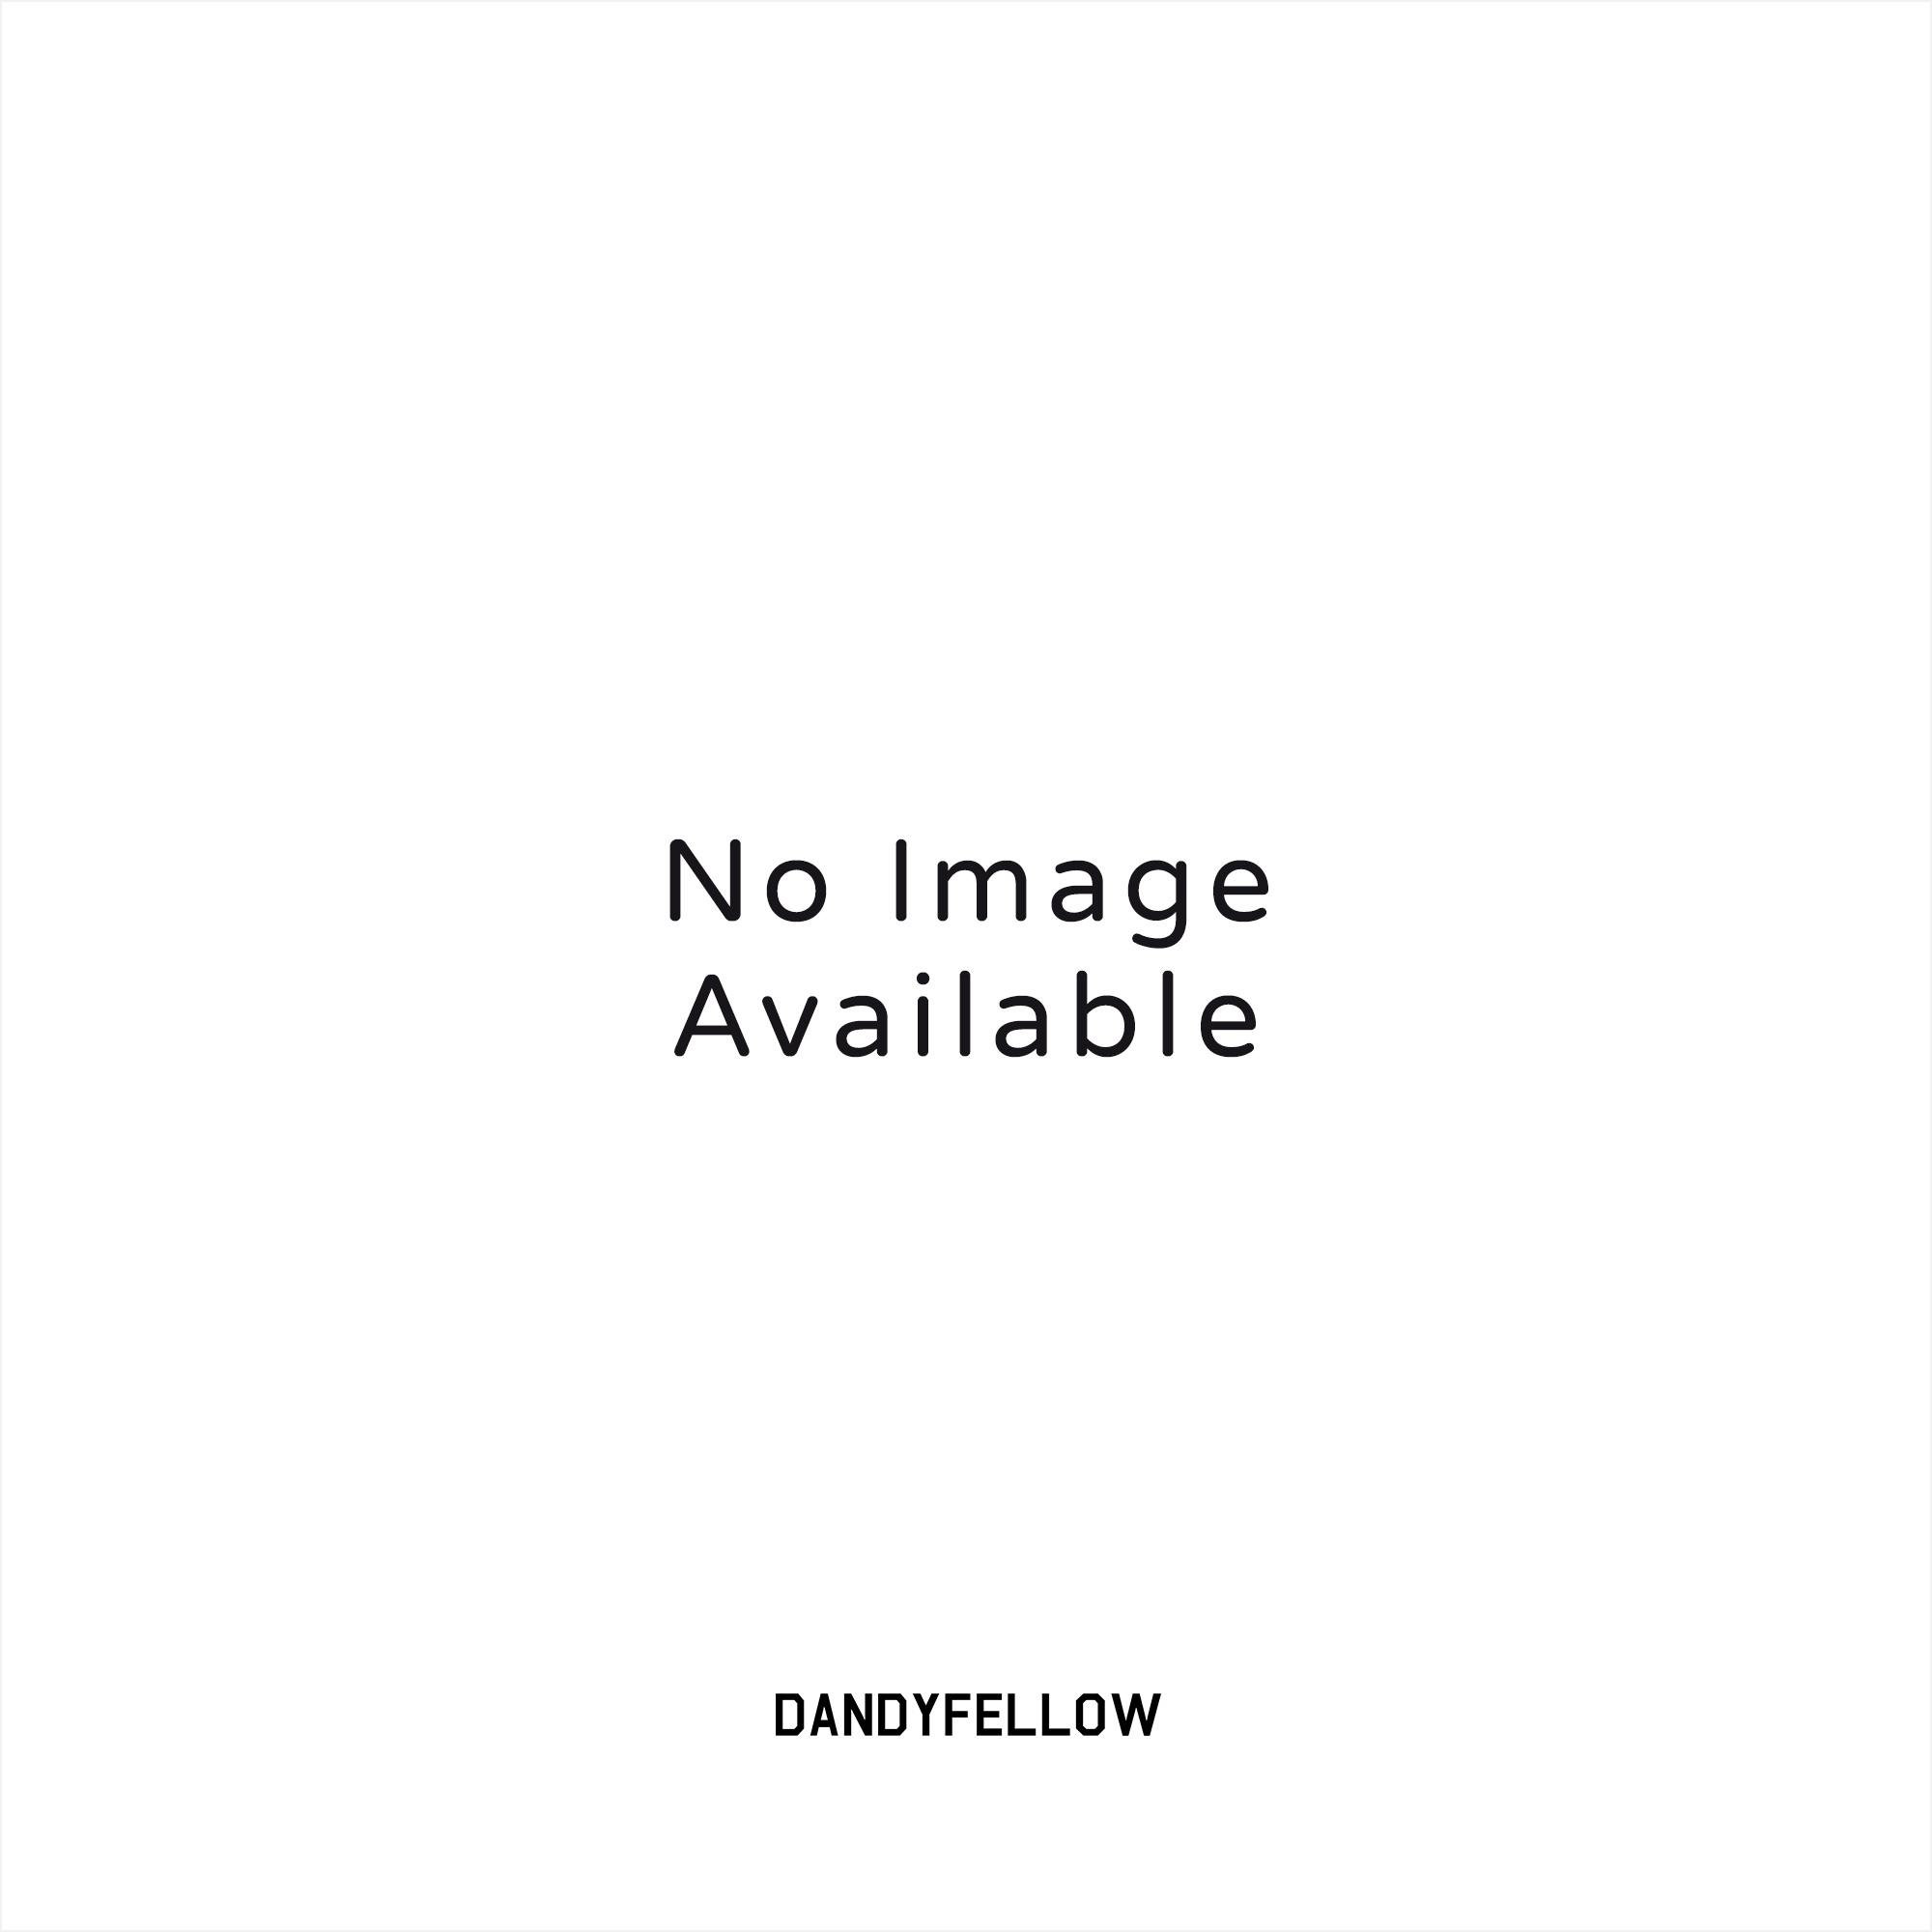 4e83ab3b31 Lacoste Grey Polo Shirt L1264-00   Dandy Fellow